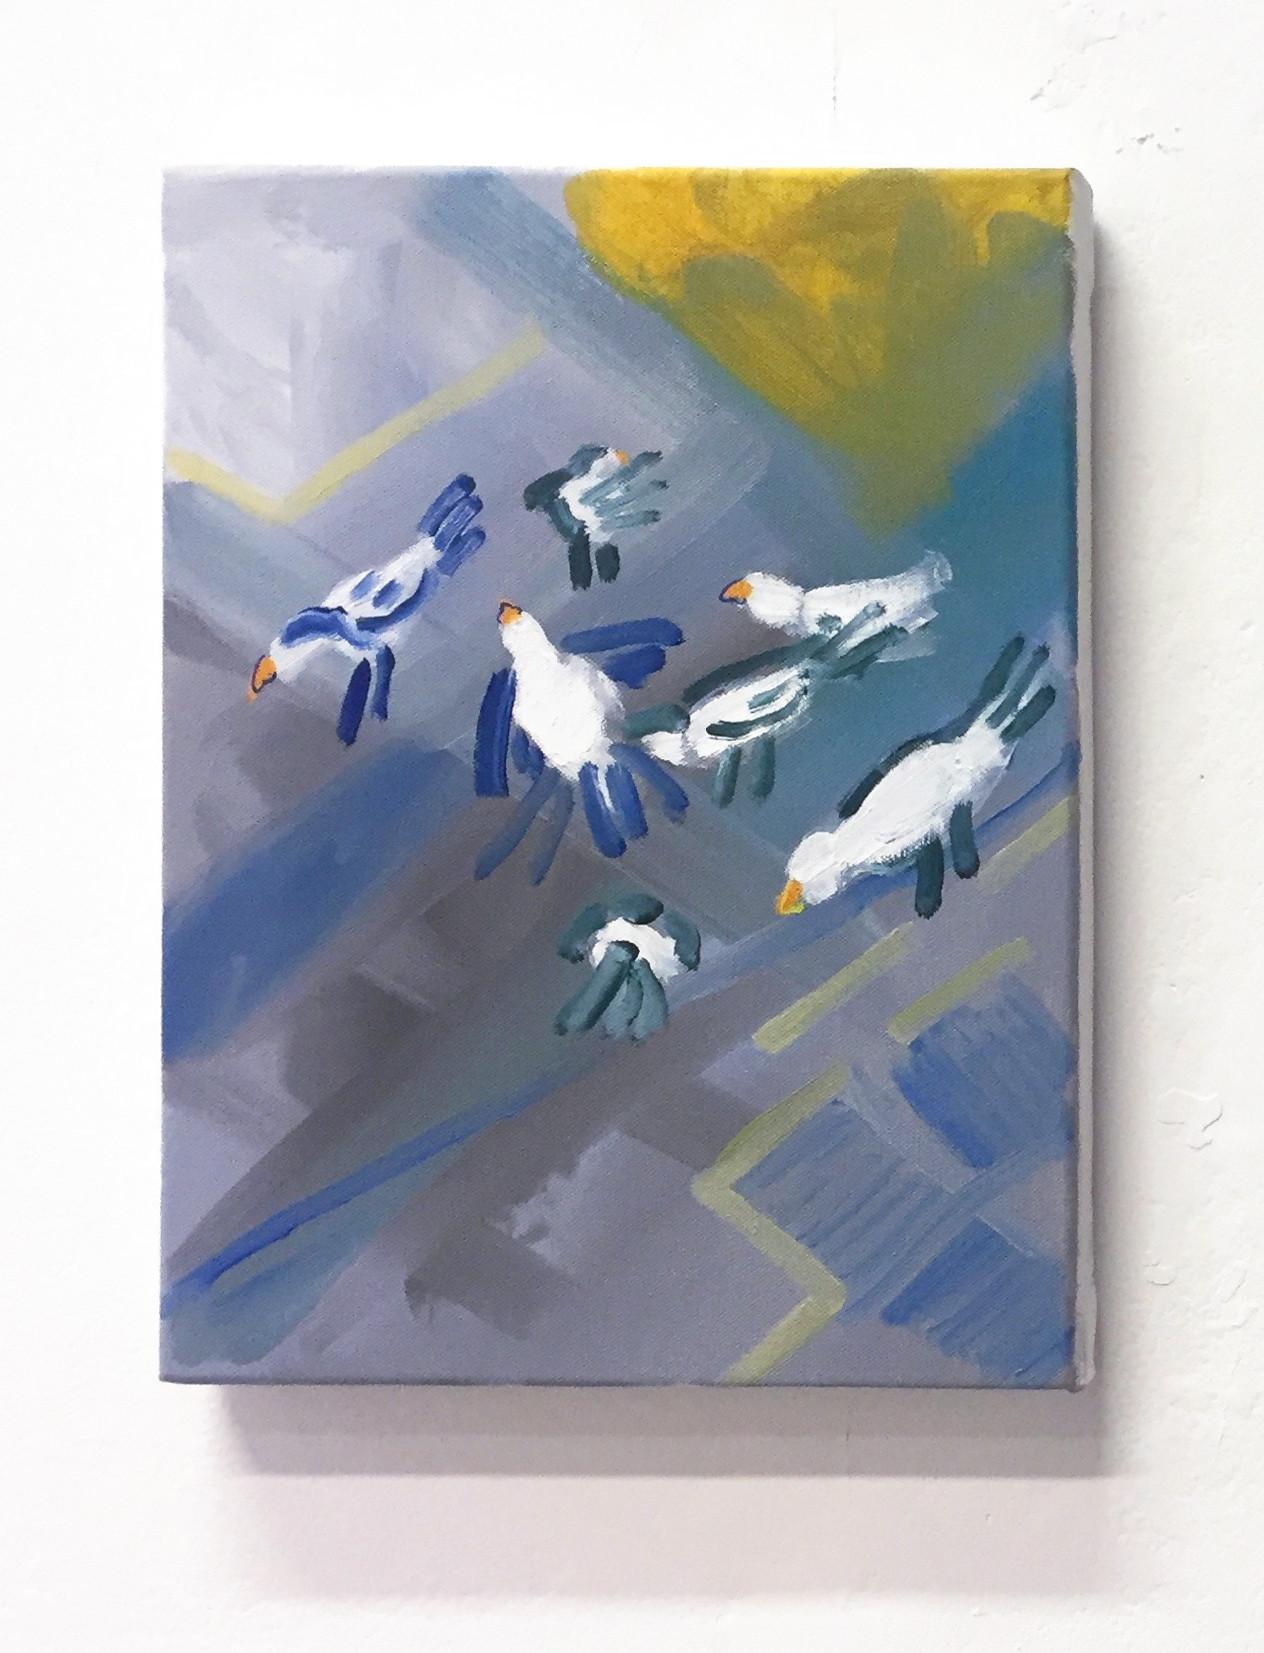 Eleanor Wang, Litang Birds, 2016. Oil on canvas, 30 x 40cm